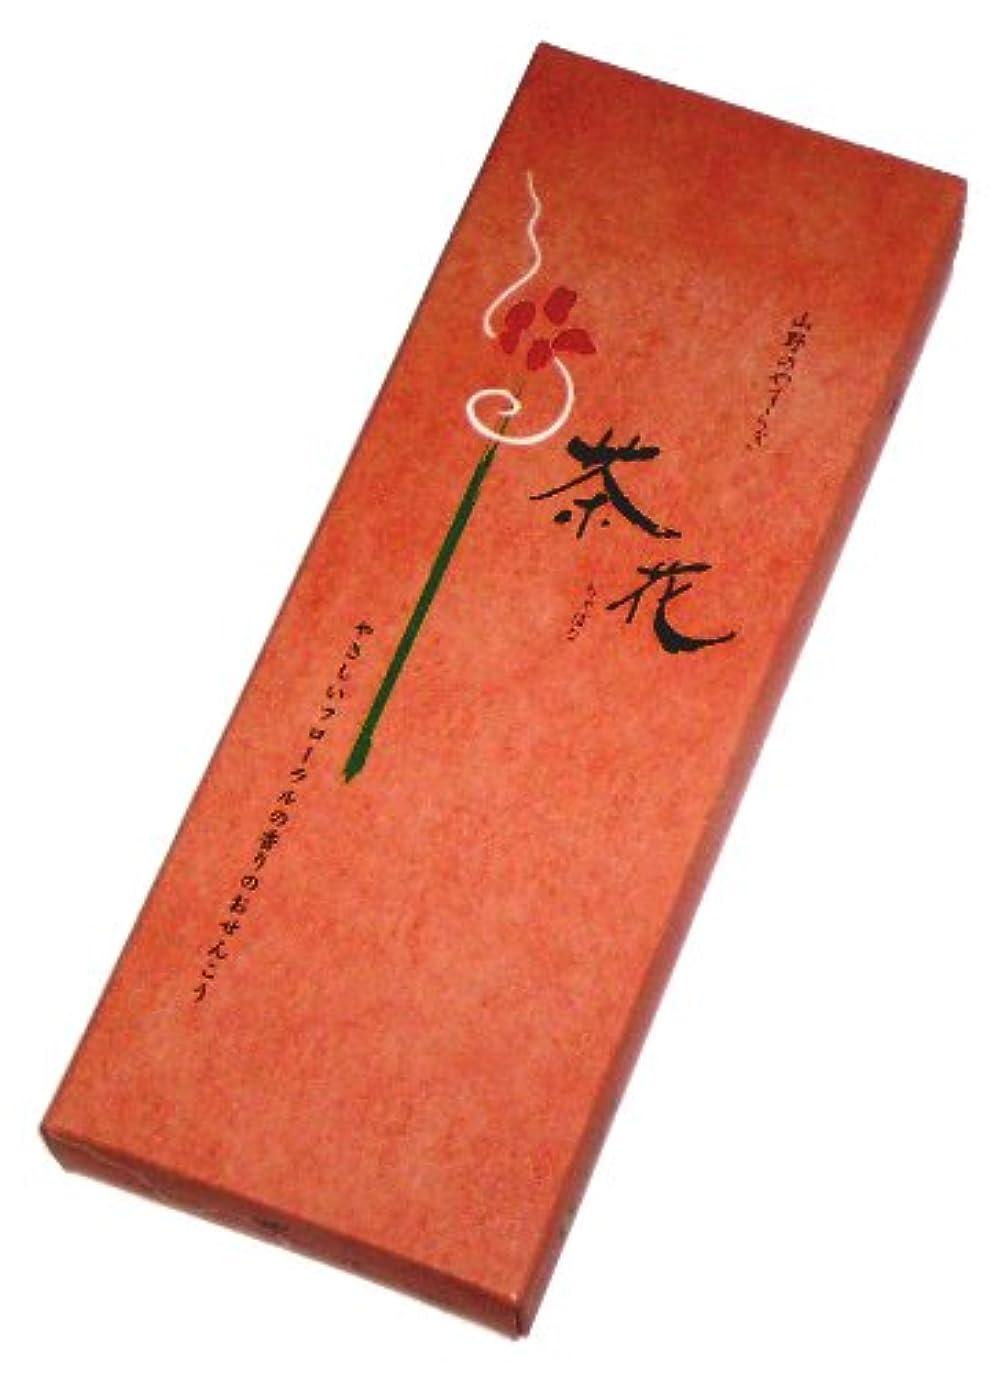 新着アルネウルル尚林堂のお線香 茶花 有煙 長寸バラ